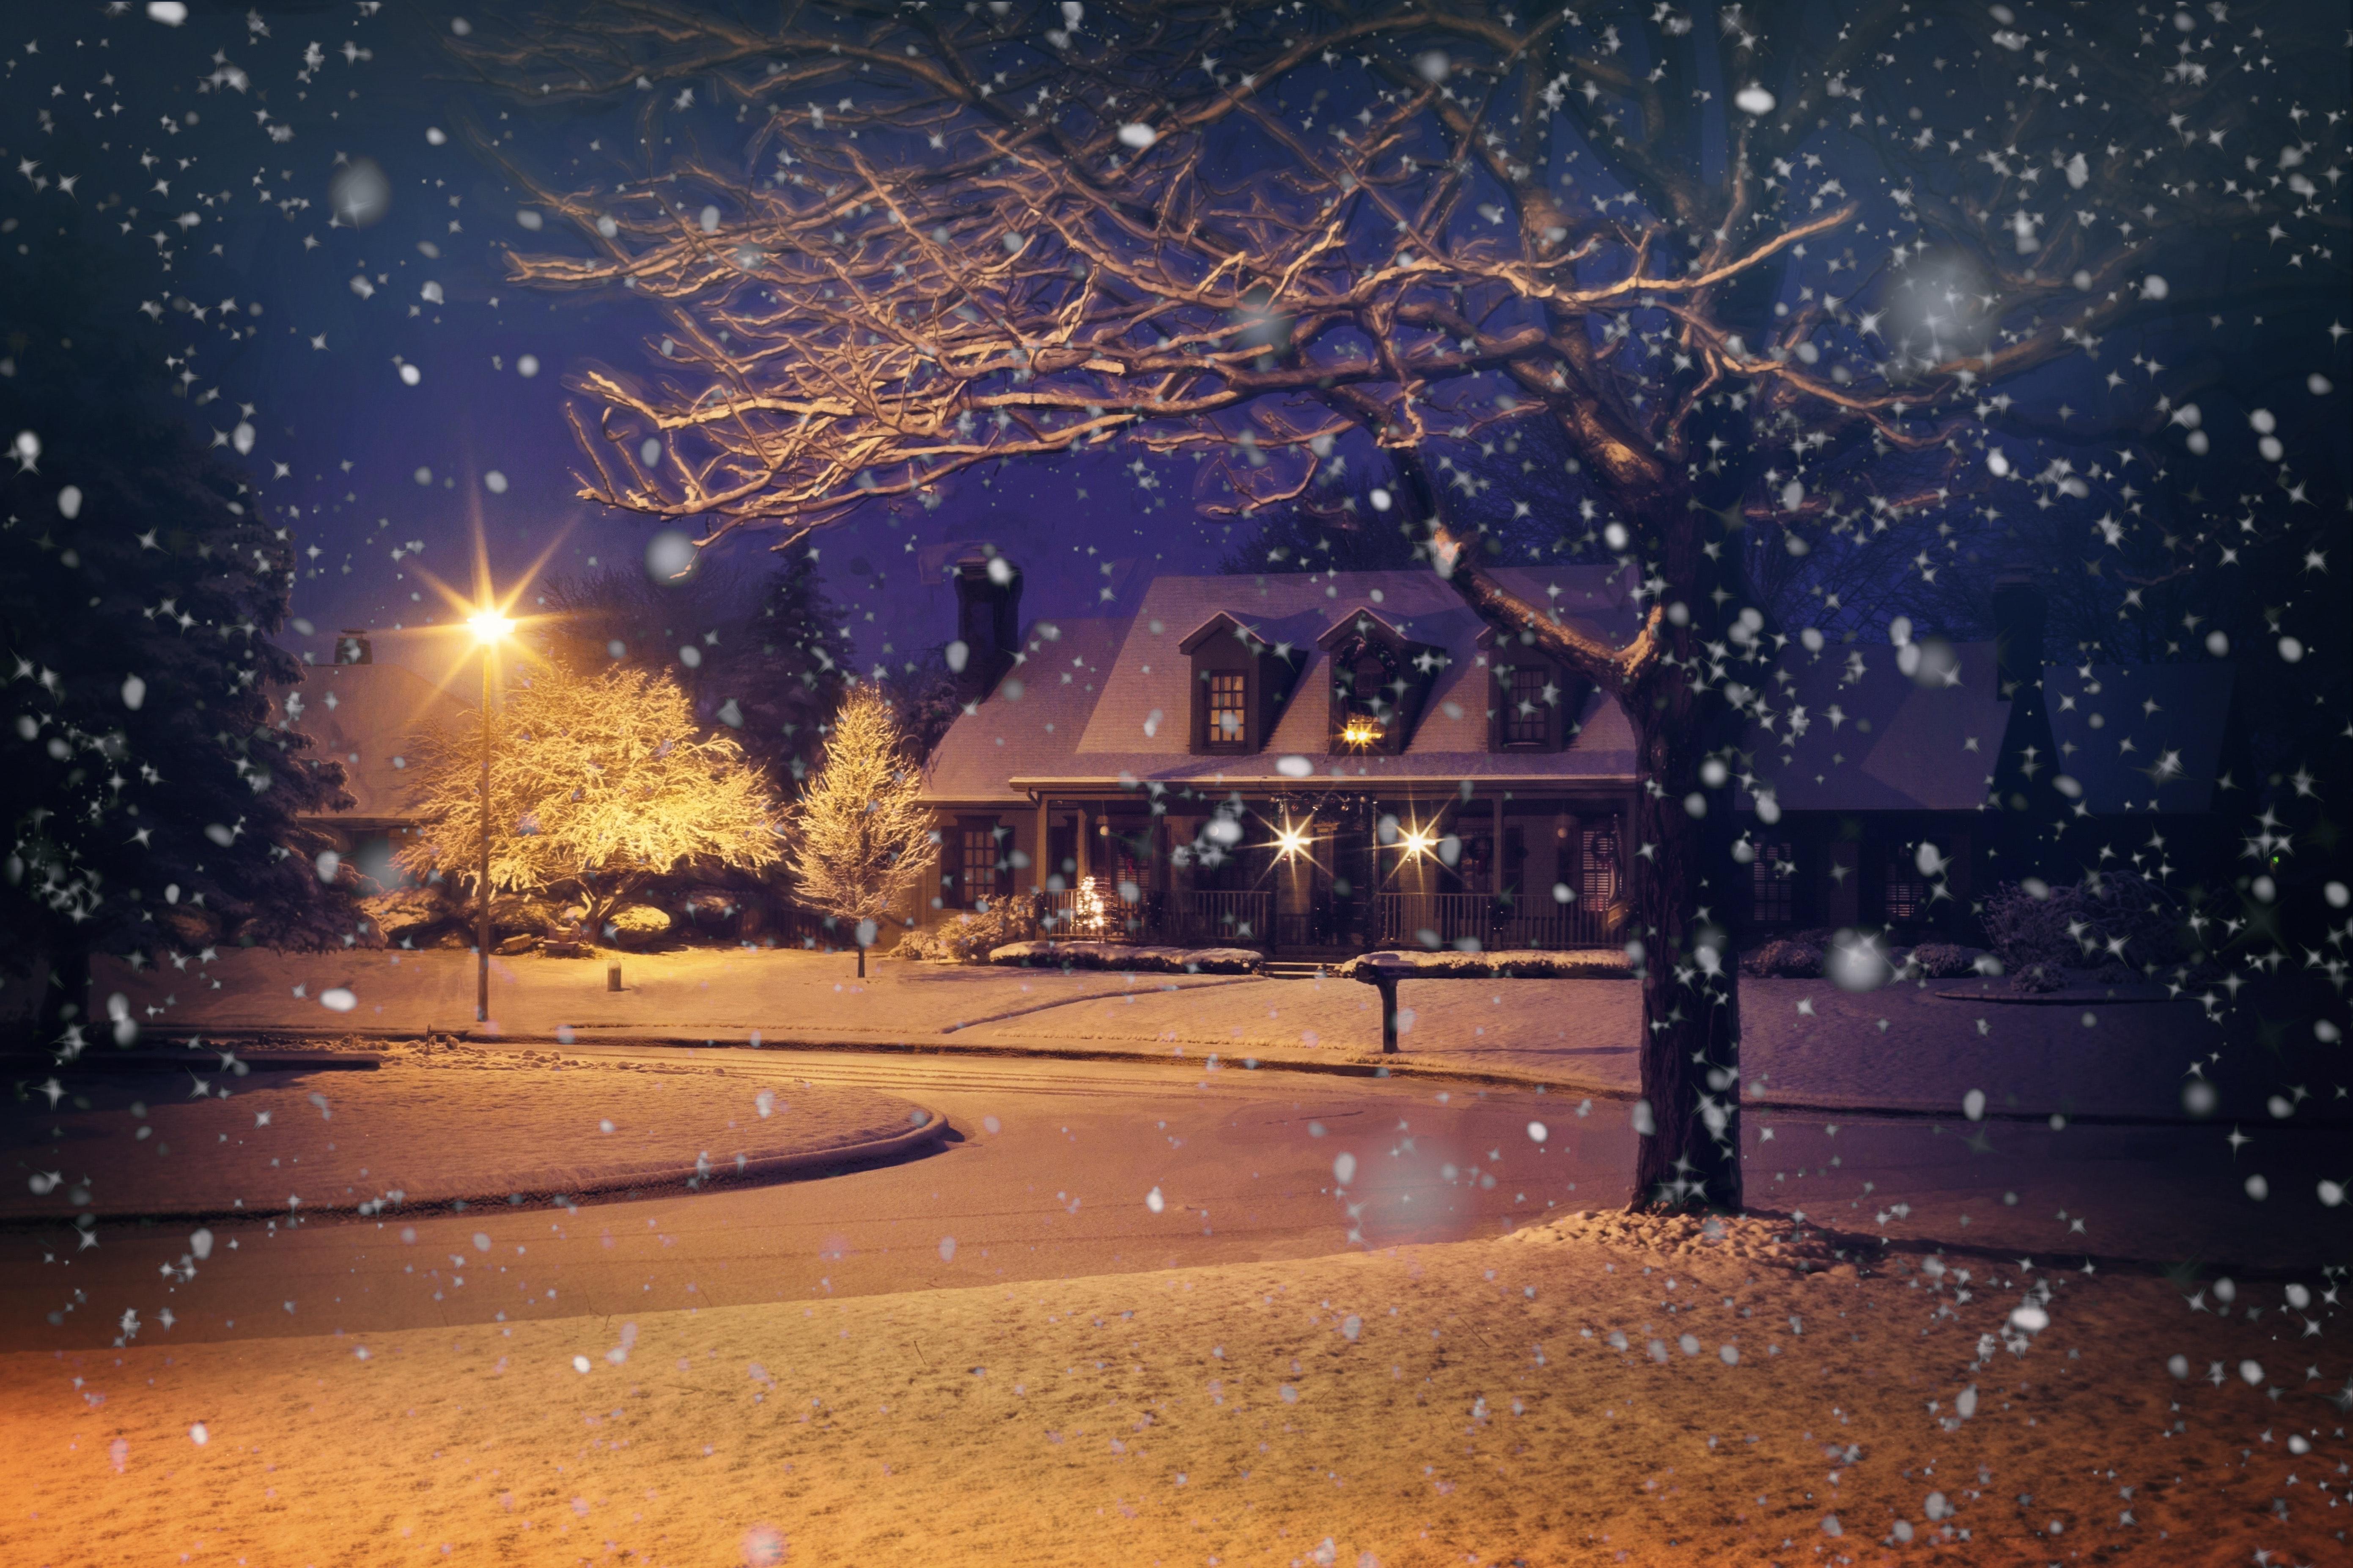 таким зимний вечер фото на рабочий стол ужас